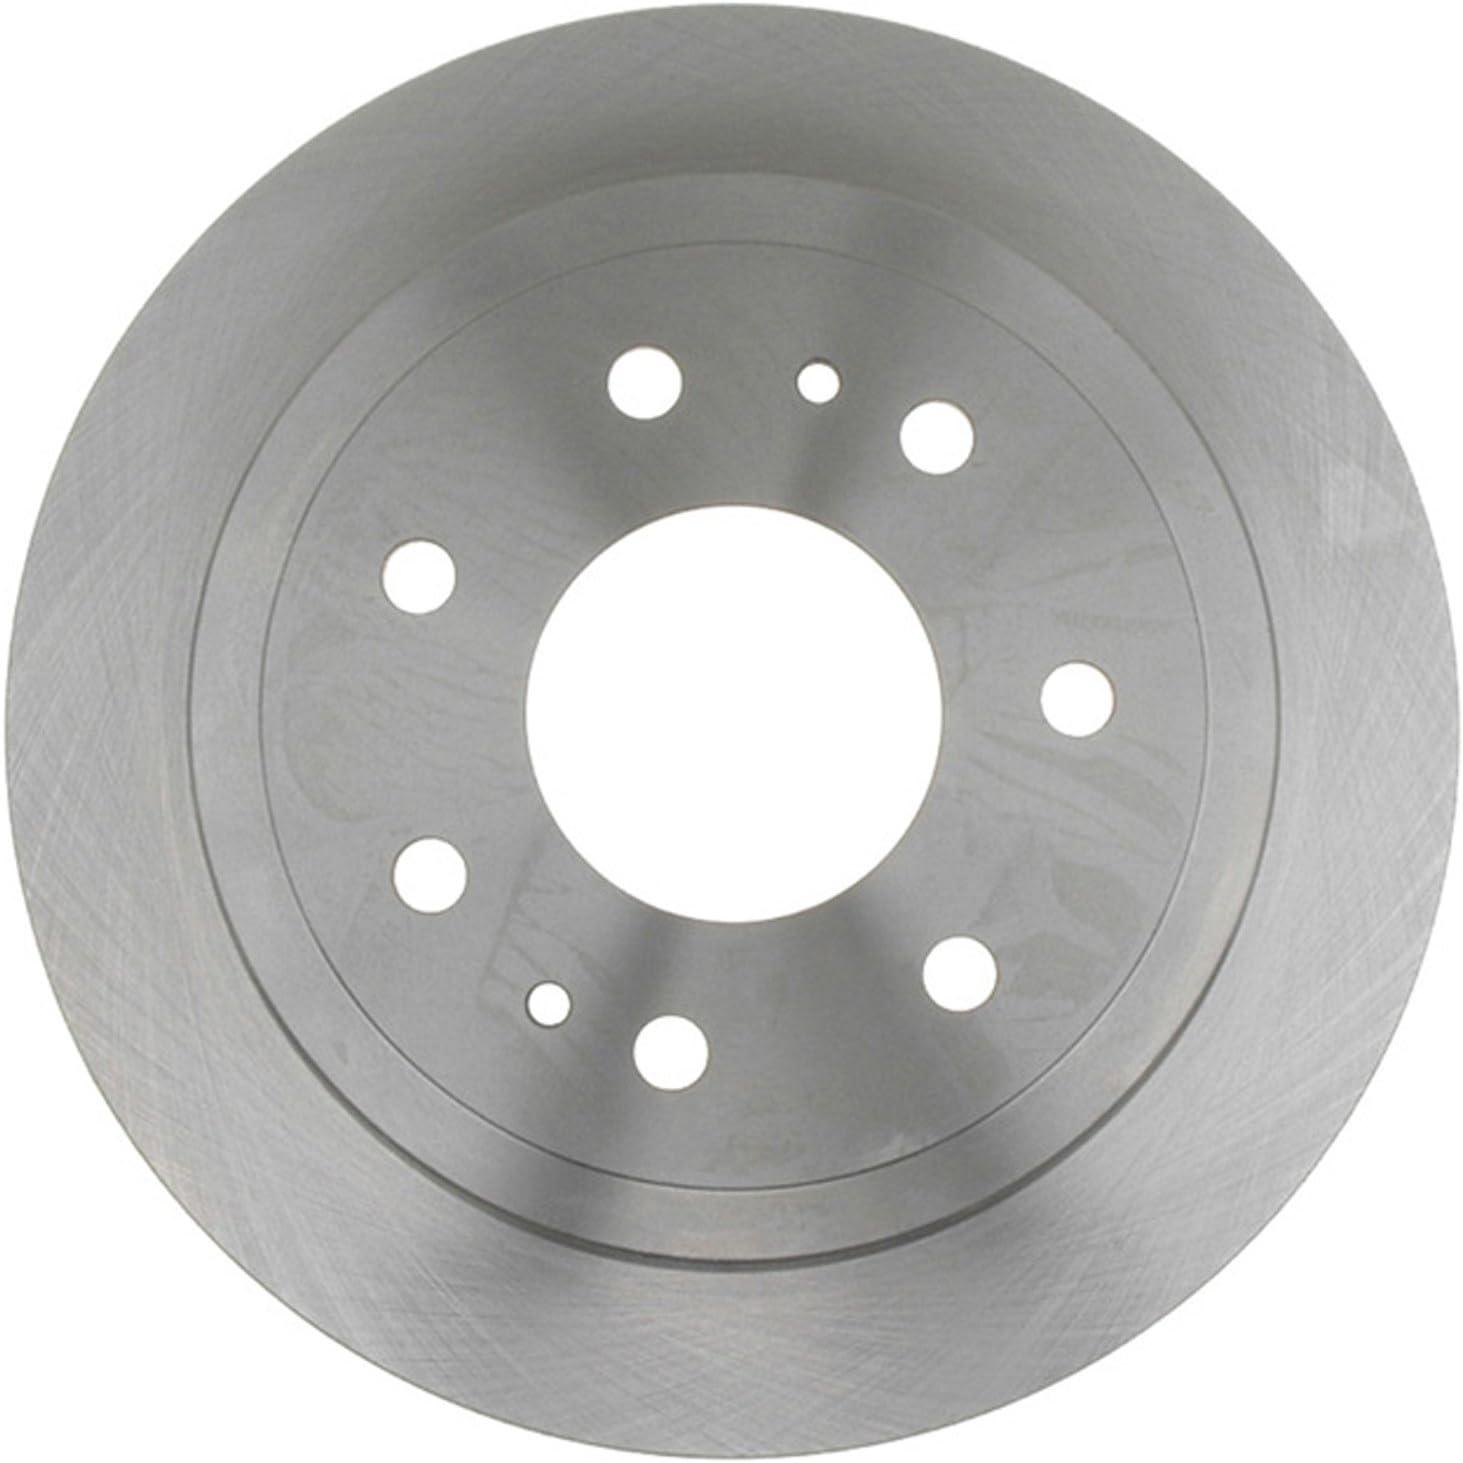 ACDelco 18A1628A Advantage Non-Coated Rear Disc Brake Rotor